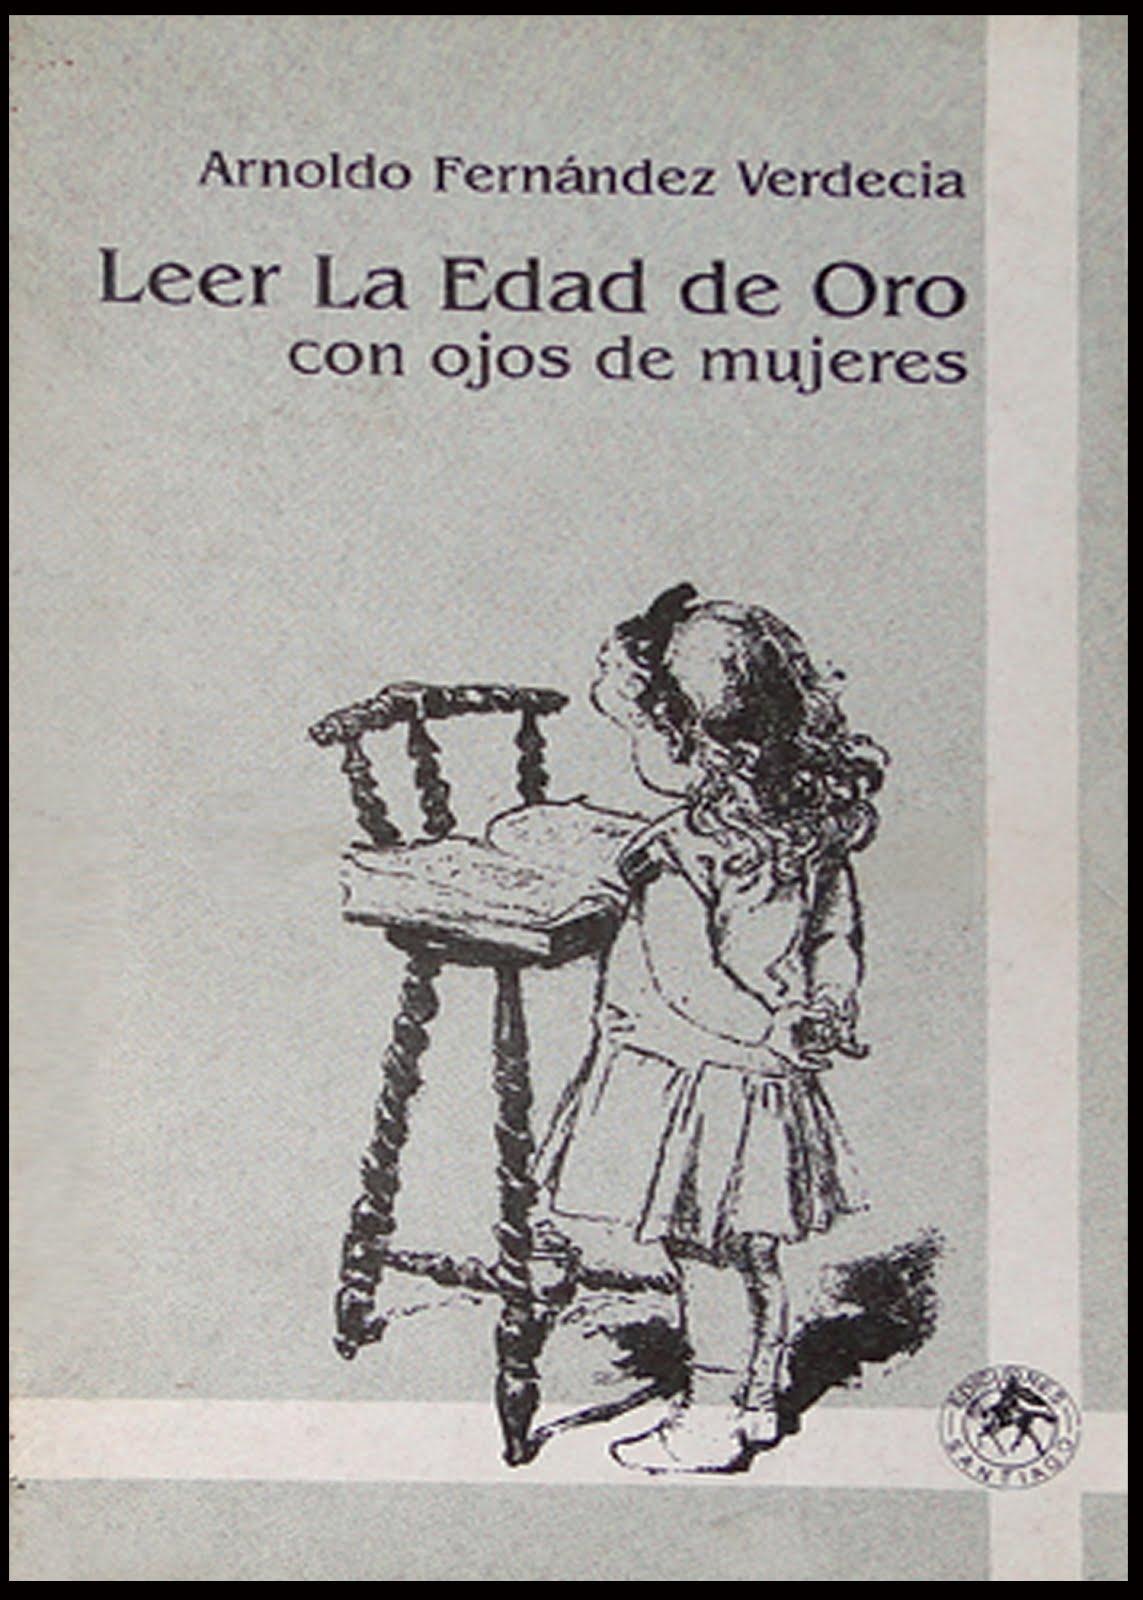 DISPONIBLE EN LIBRERÍAS DE CUBA (Comprarlo)